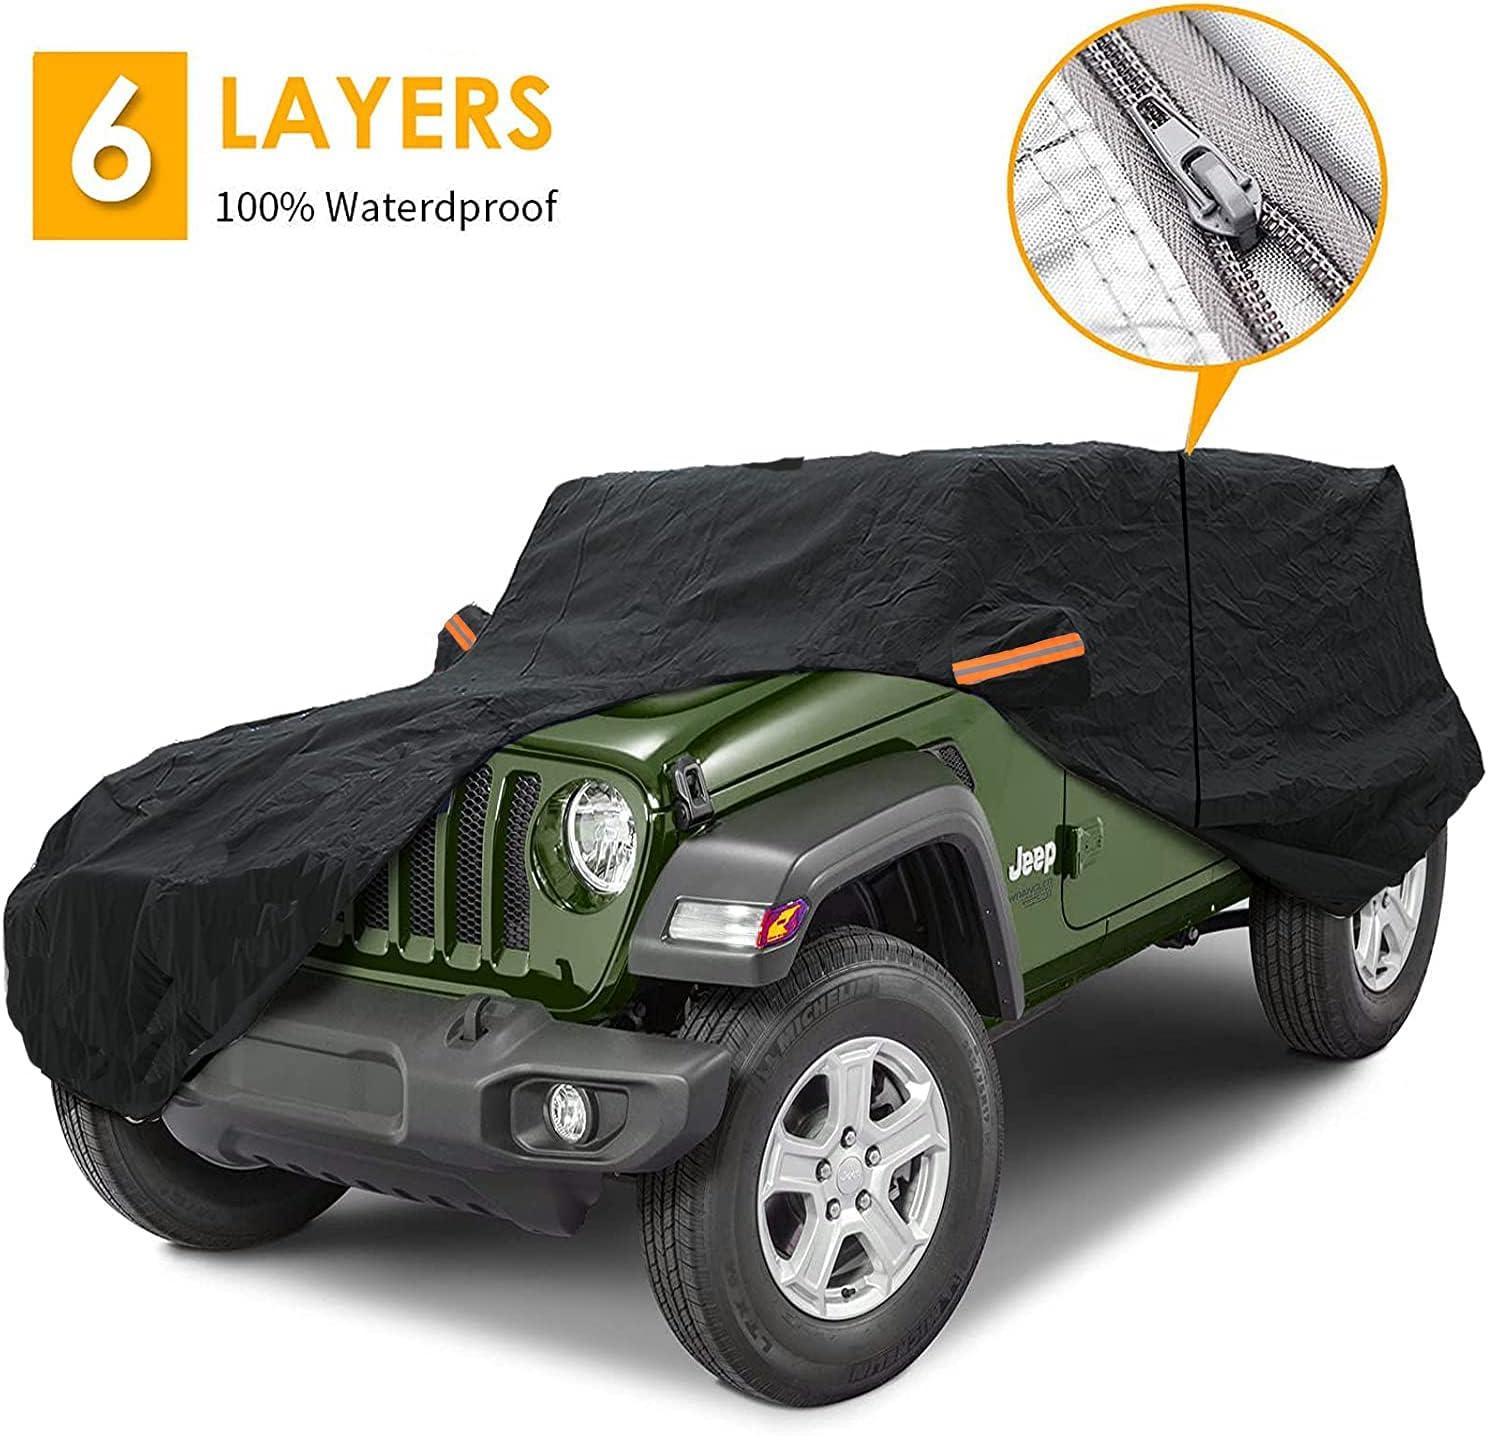 Big Ant Funda para coche 100 % impermeable para Jeep Wrangler de 2 puertas, Jeep Cubierta de coche para CJ, YJ, TJ y JK 2 puertas con cremallera (negro)